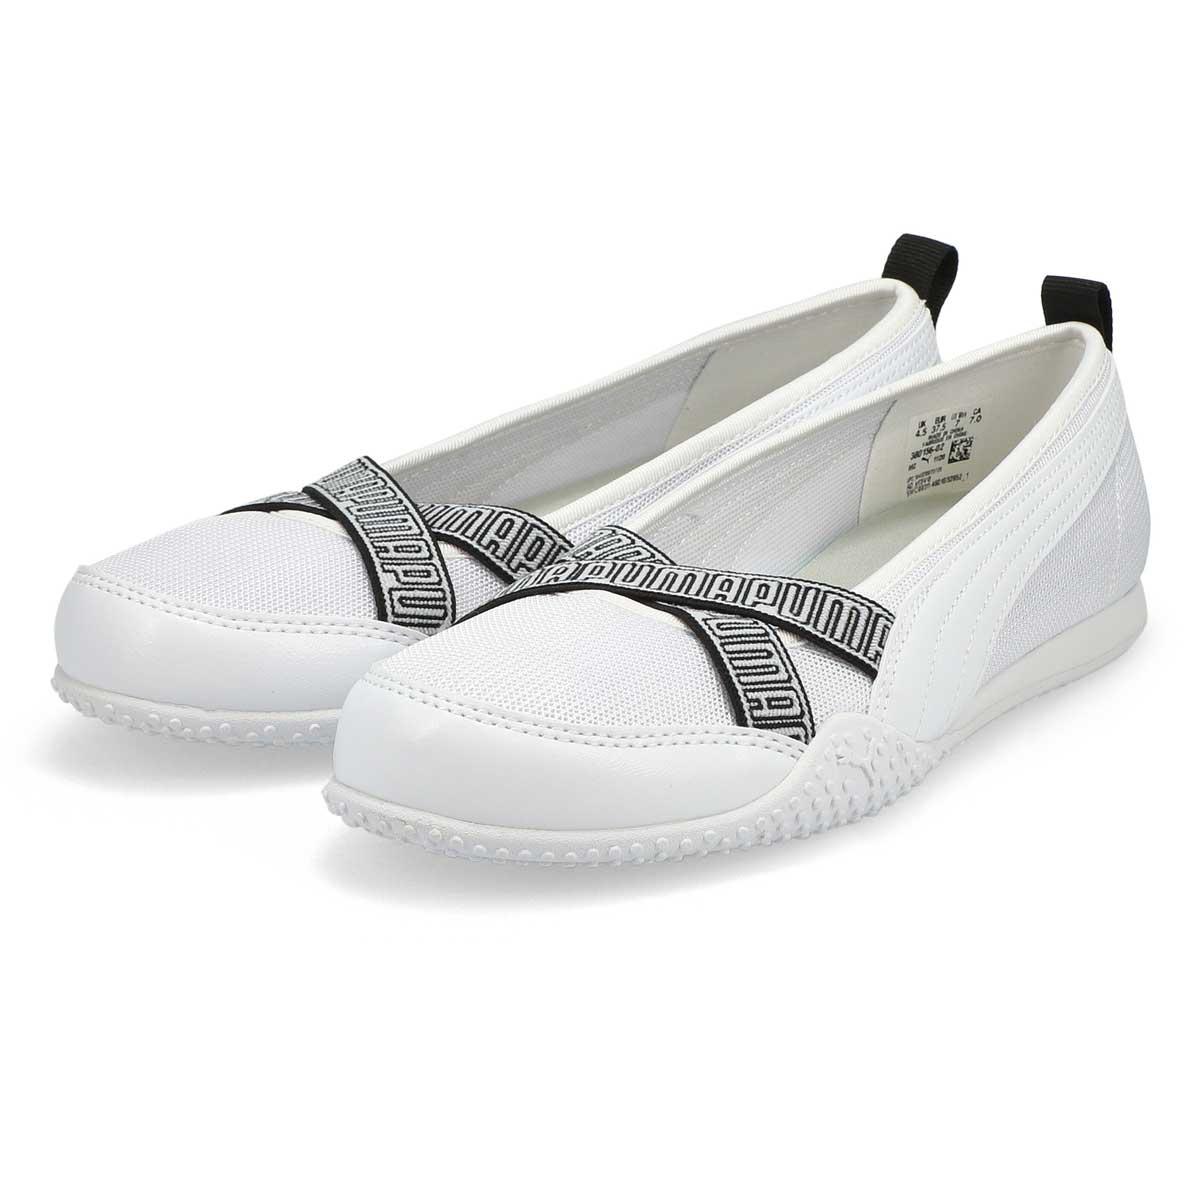 Women's Bella Ballerina Sneaker - White/ White